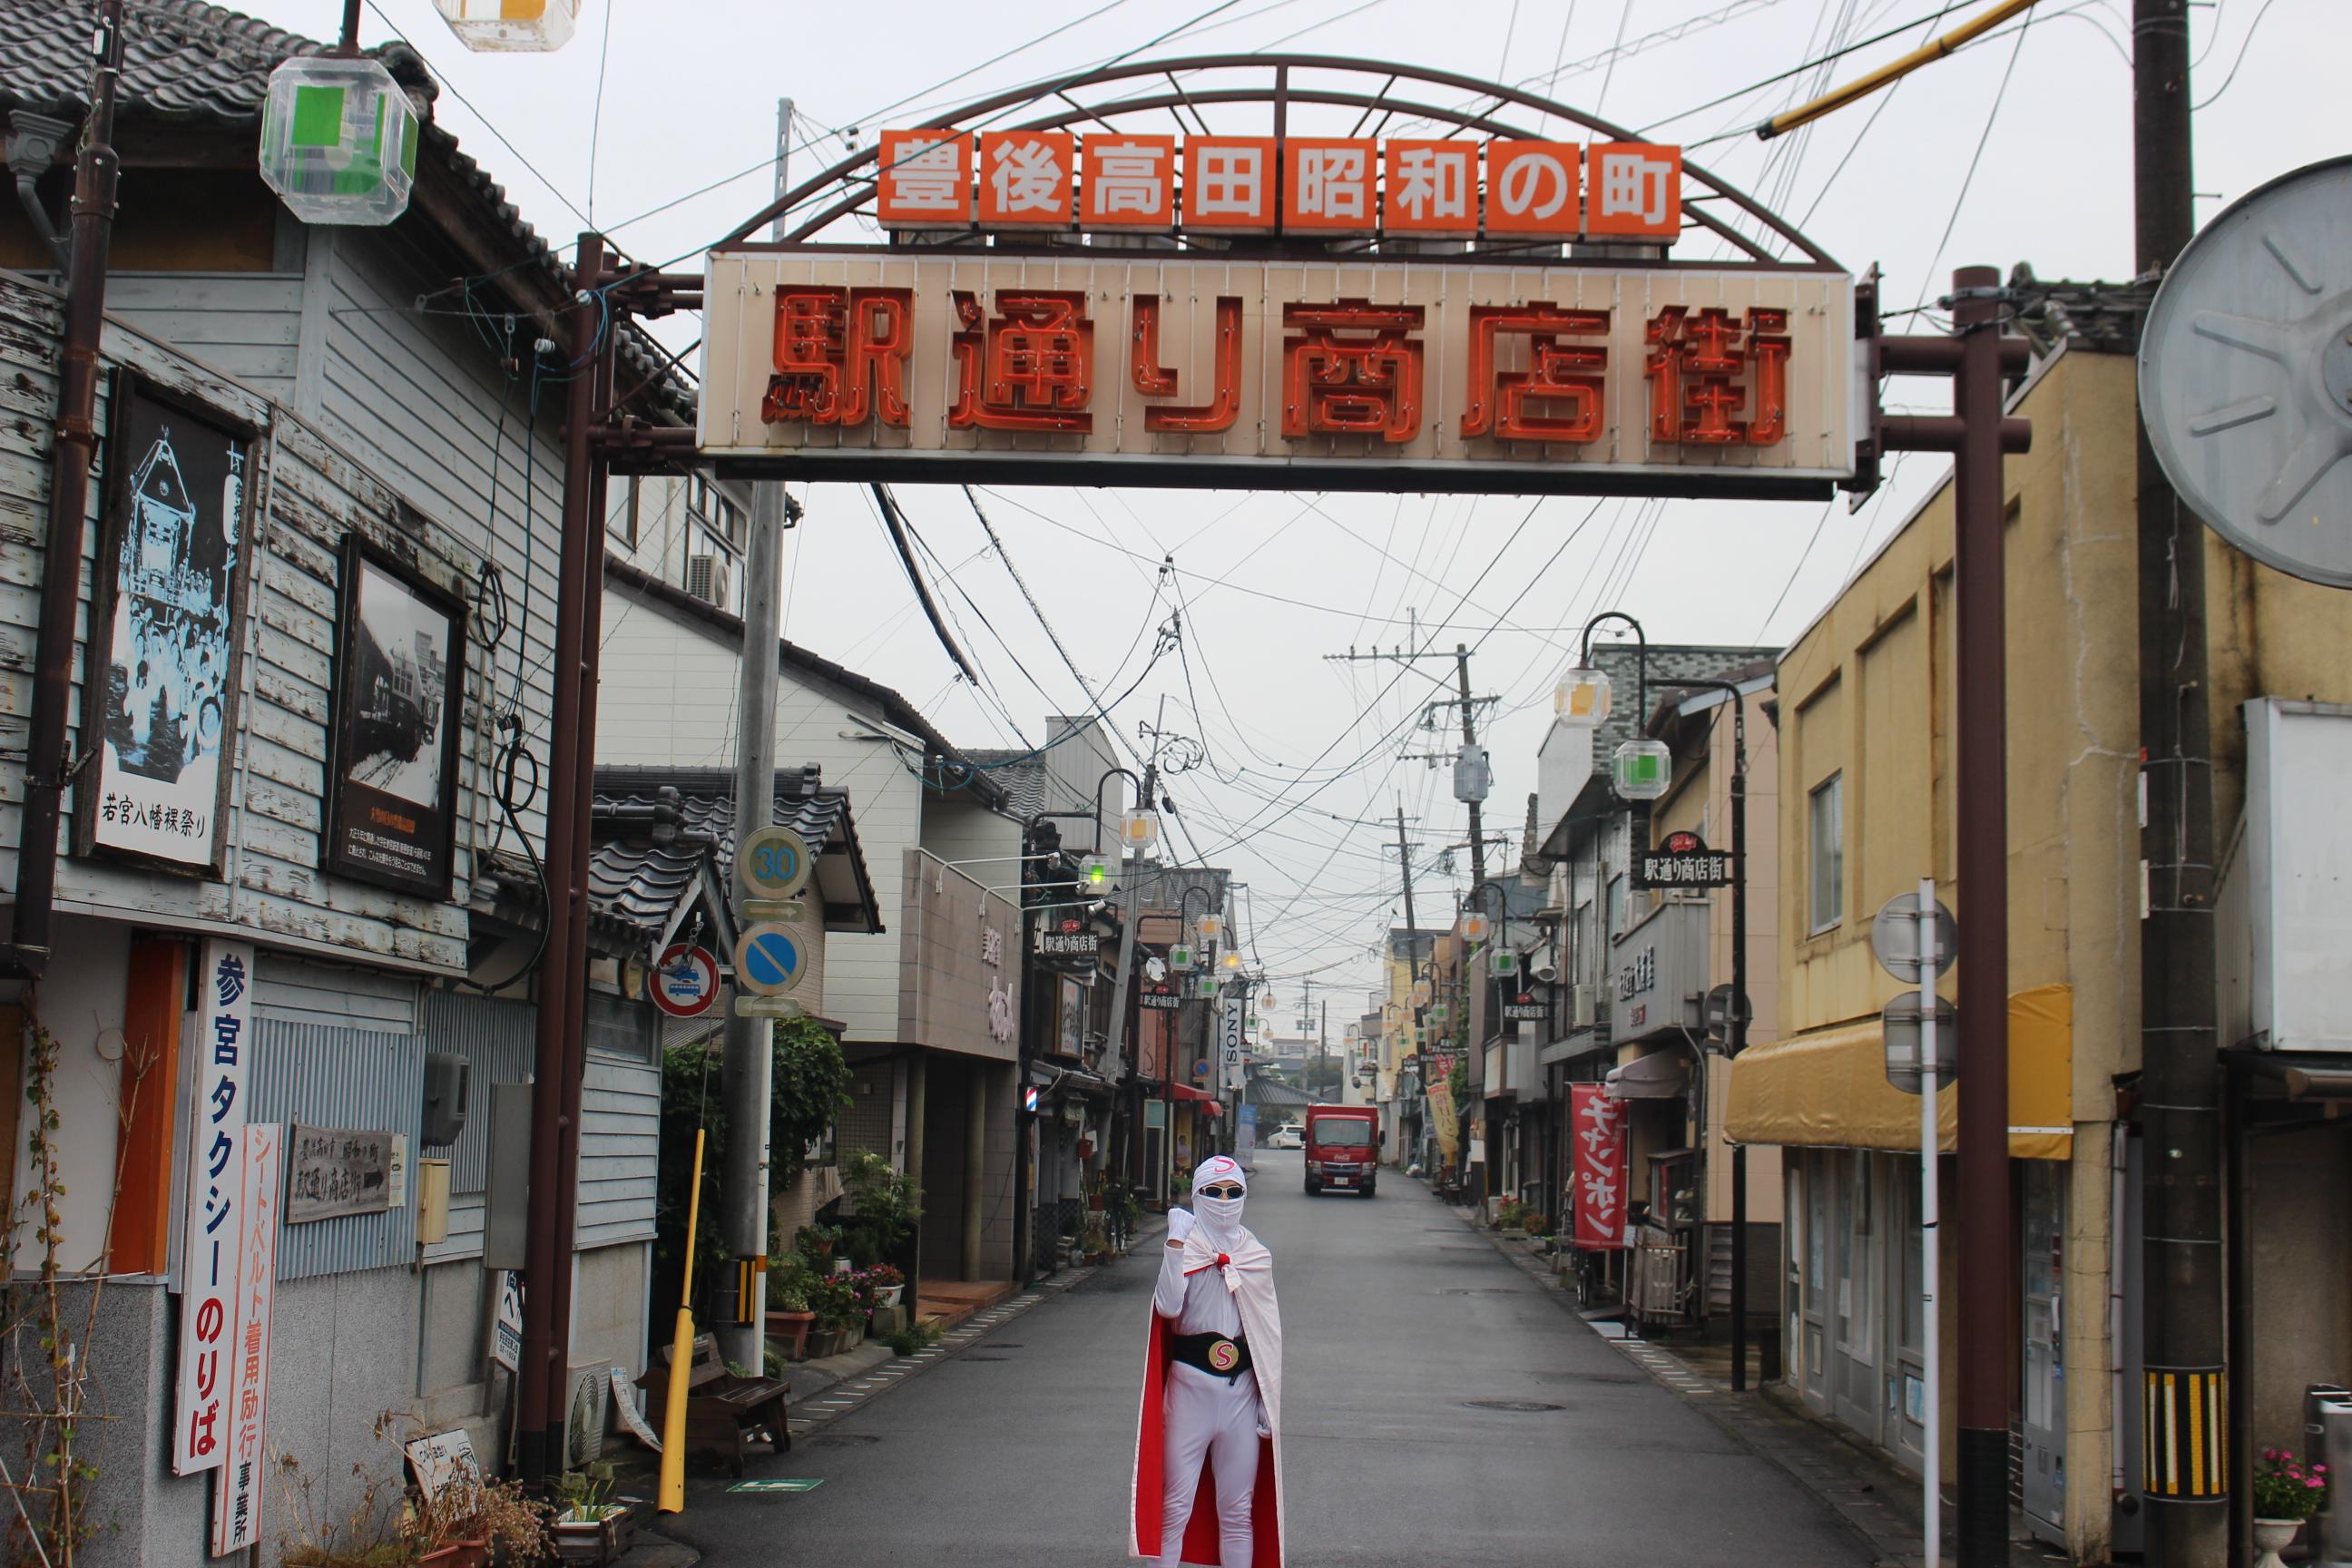 【募集】昭和仮面と一緒に昭和の町を散策しよう!